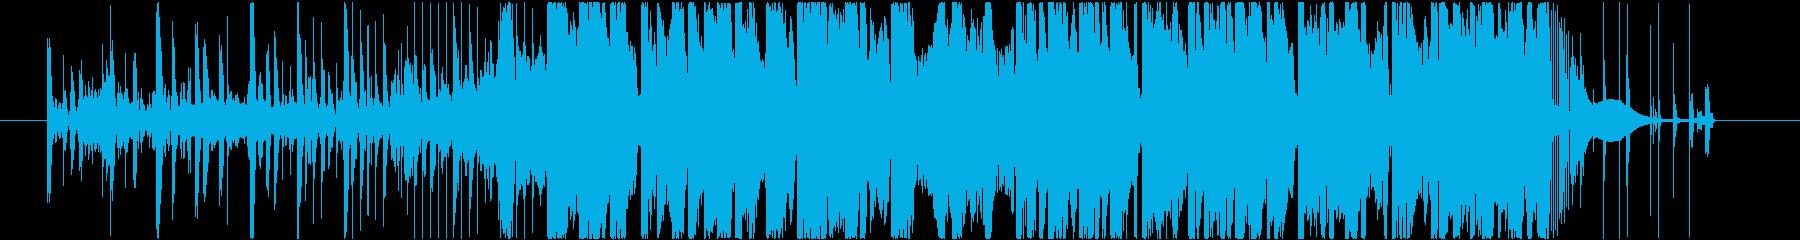 トラップ ヒップホップ アクティブ...の再生済みの波形